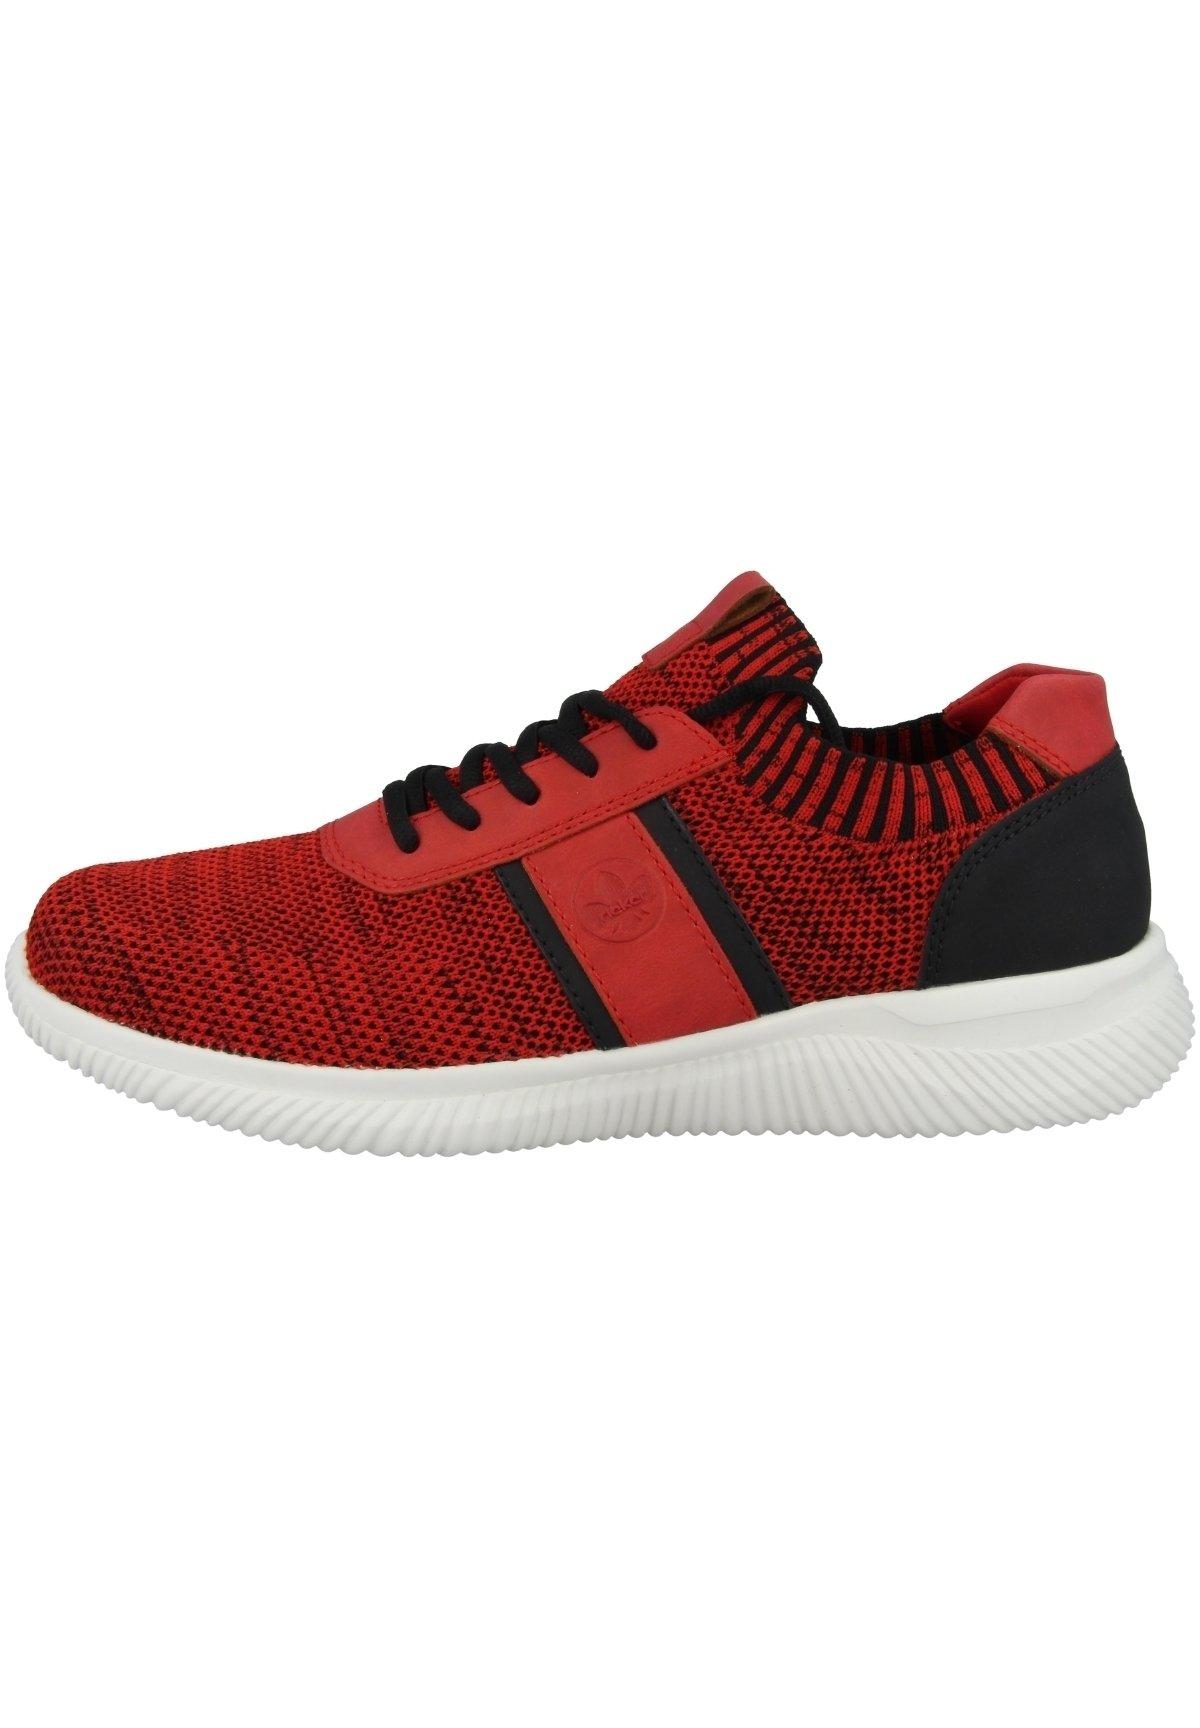 Homme Baskets basses - red black-red-black